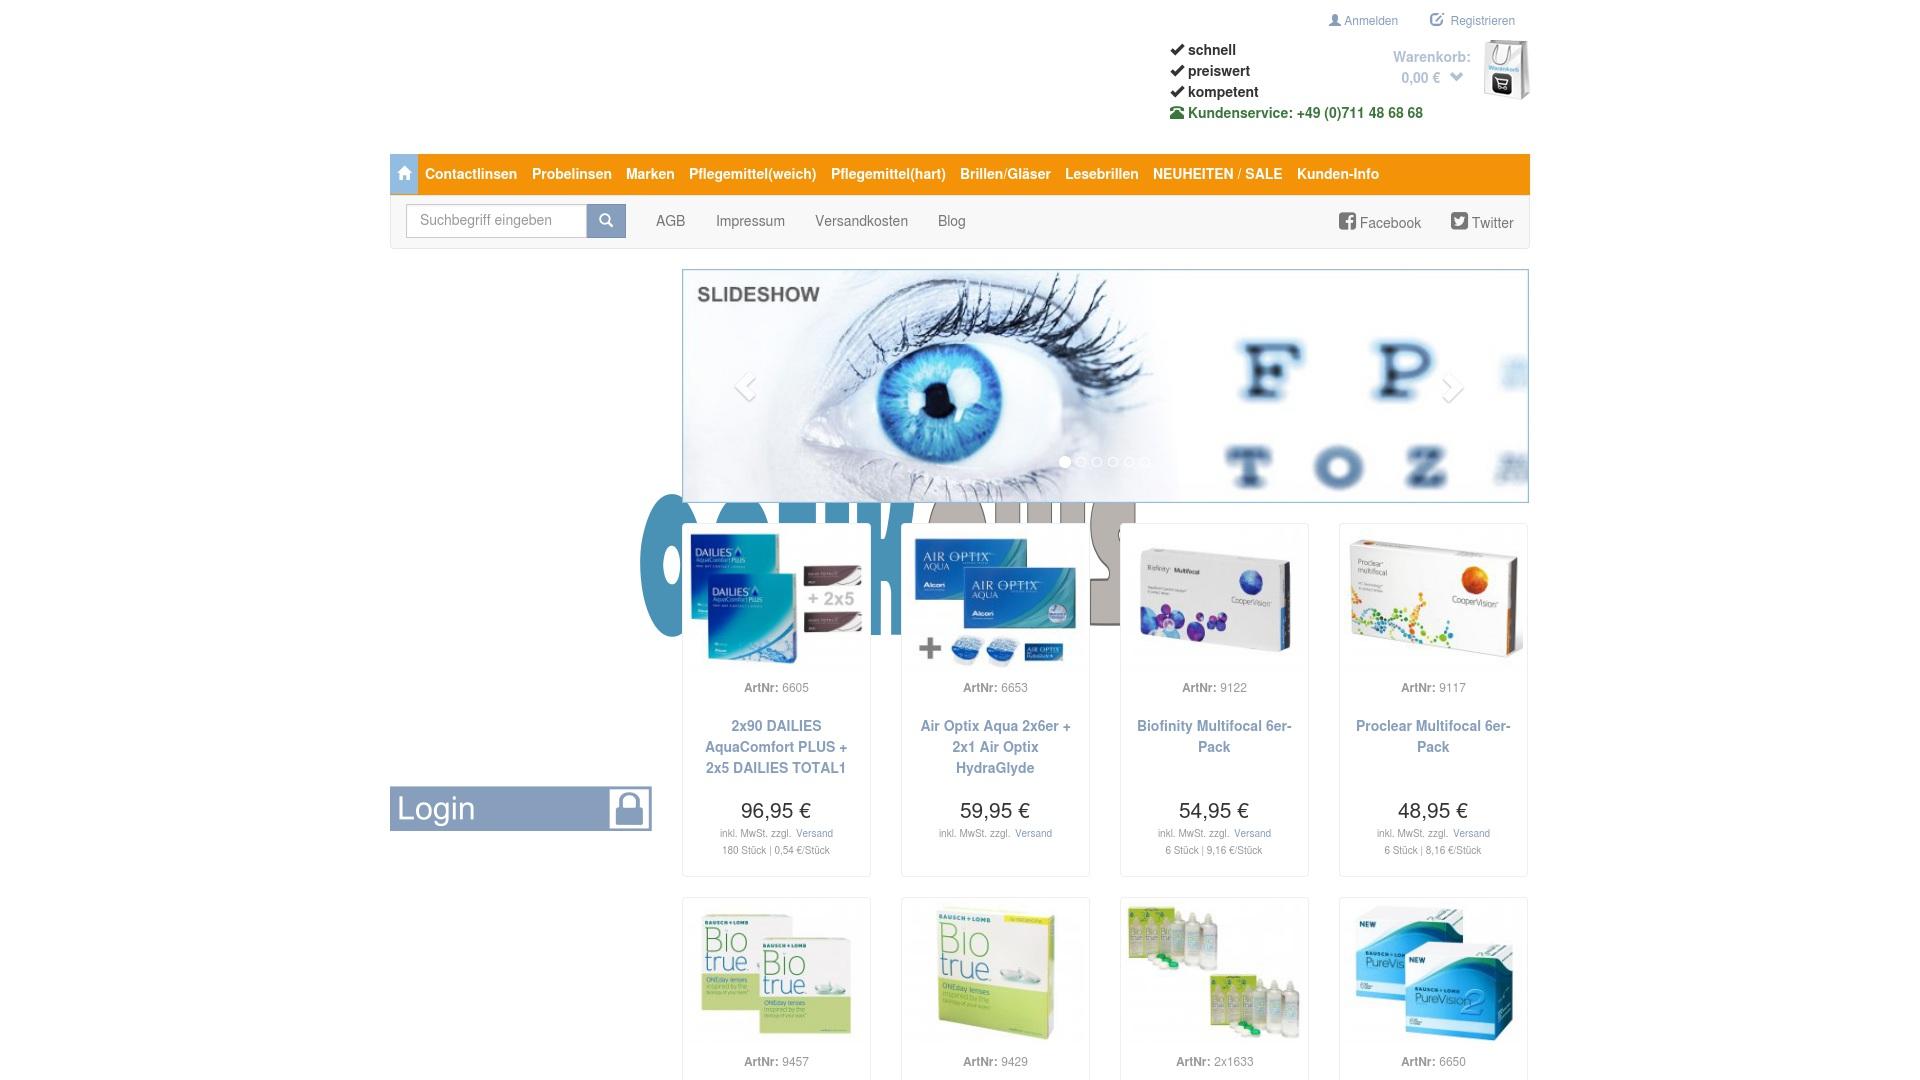 Gutschein für Optikplus: Rabatte für  Optikplus sichern